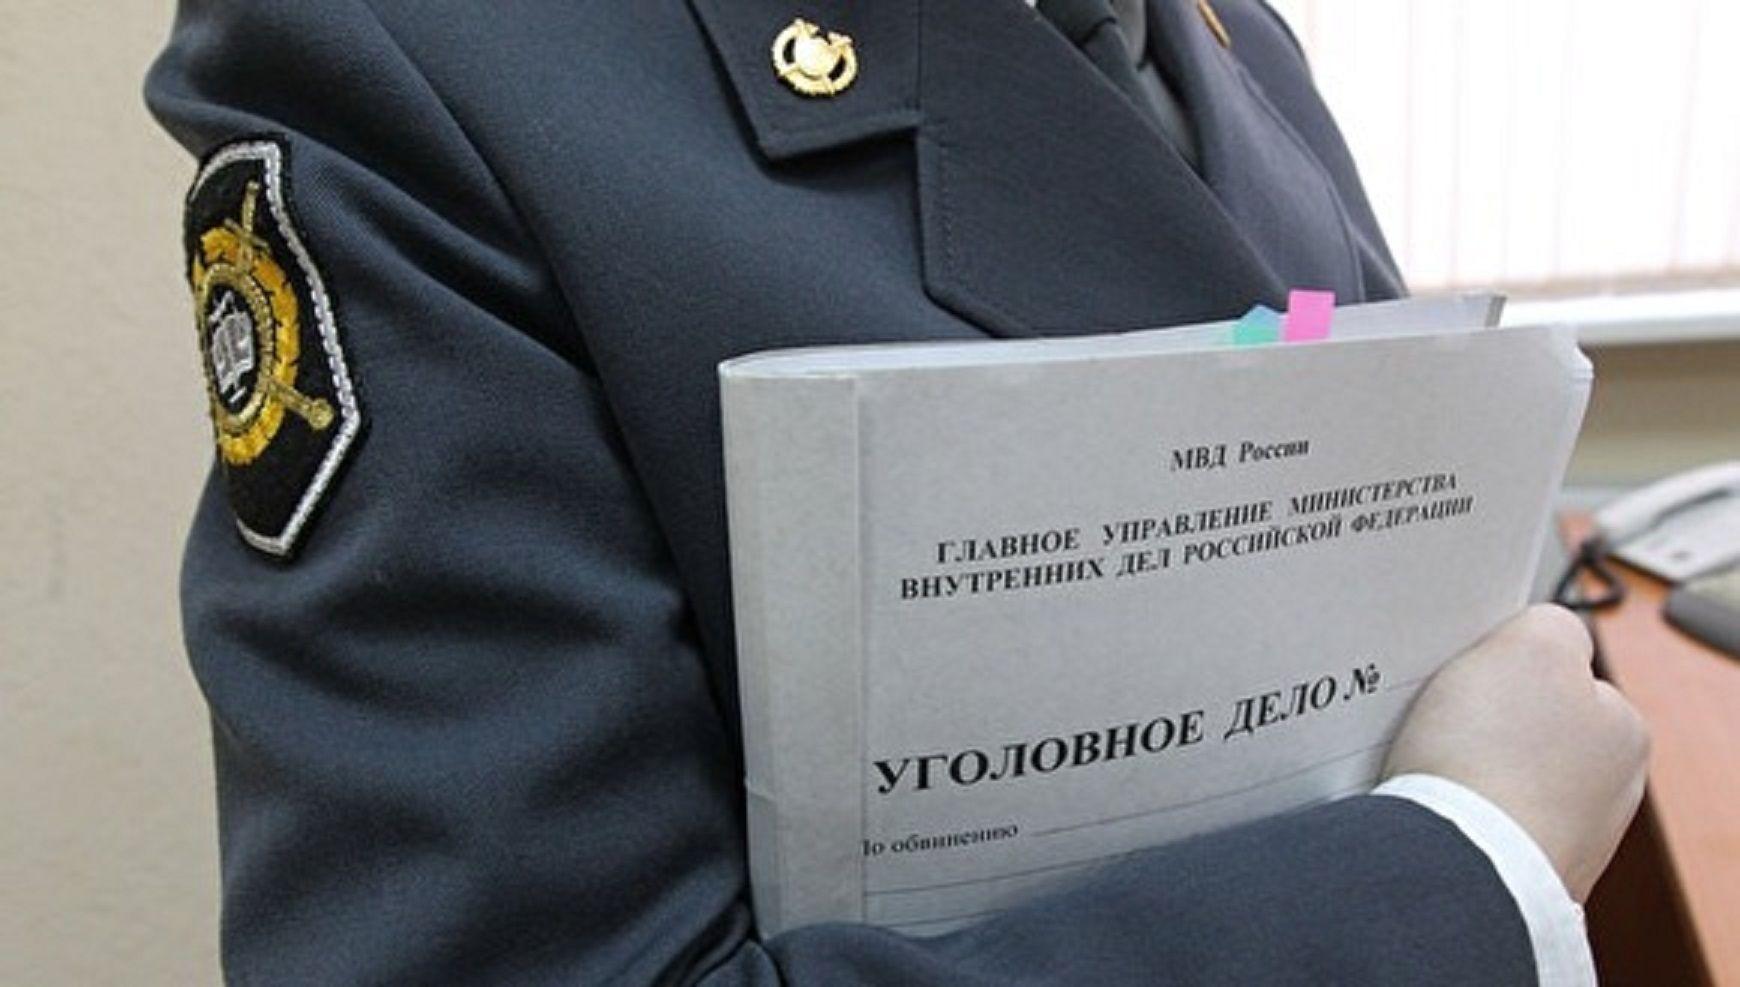 Гражданин Пятигорска досмерти забил маму иинсценировал еесуицид